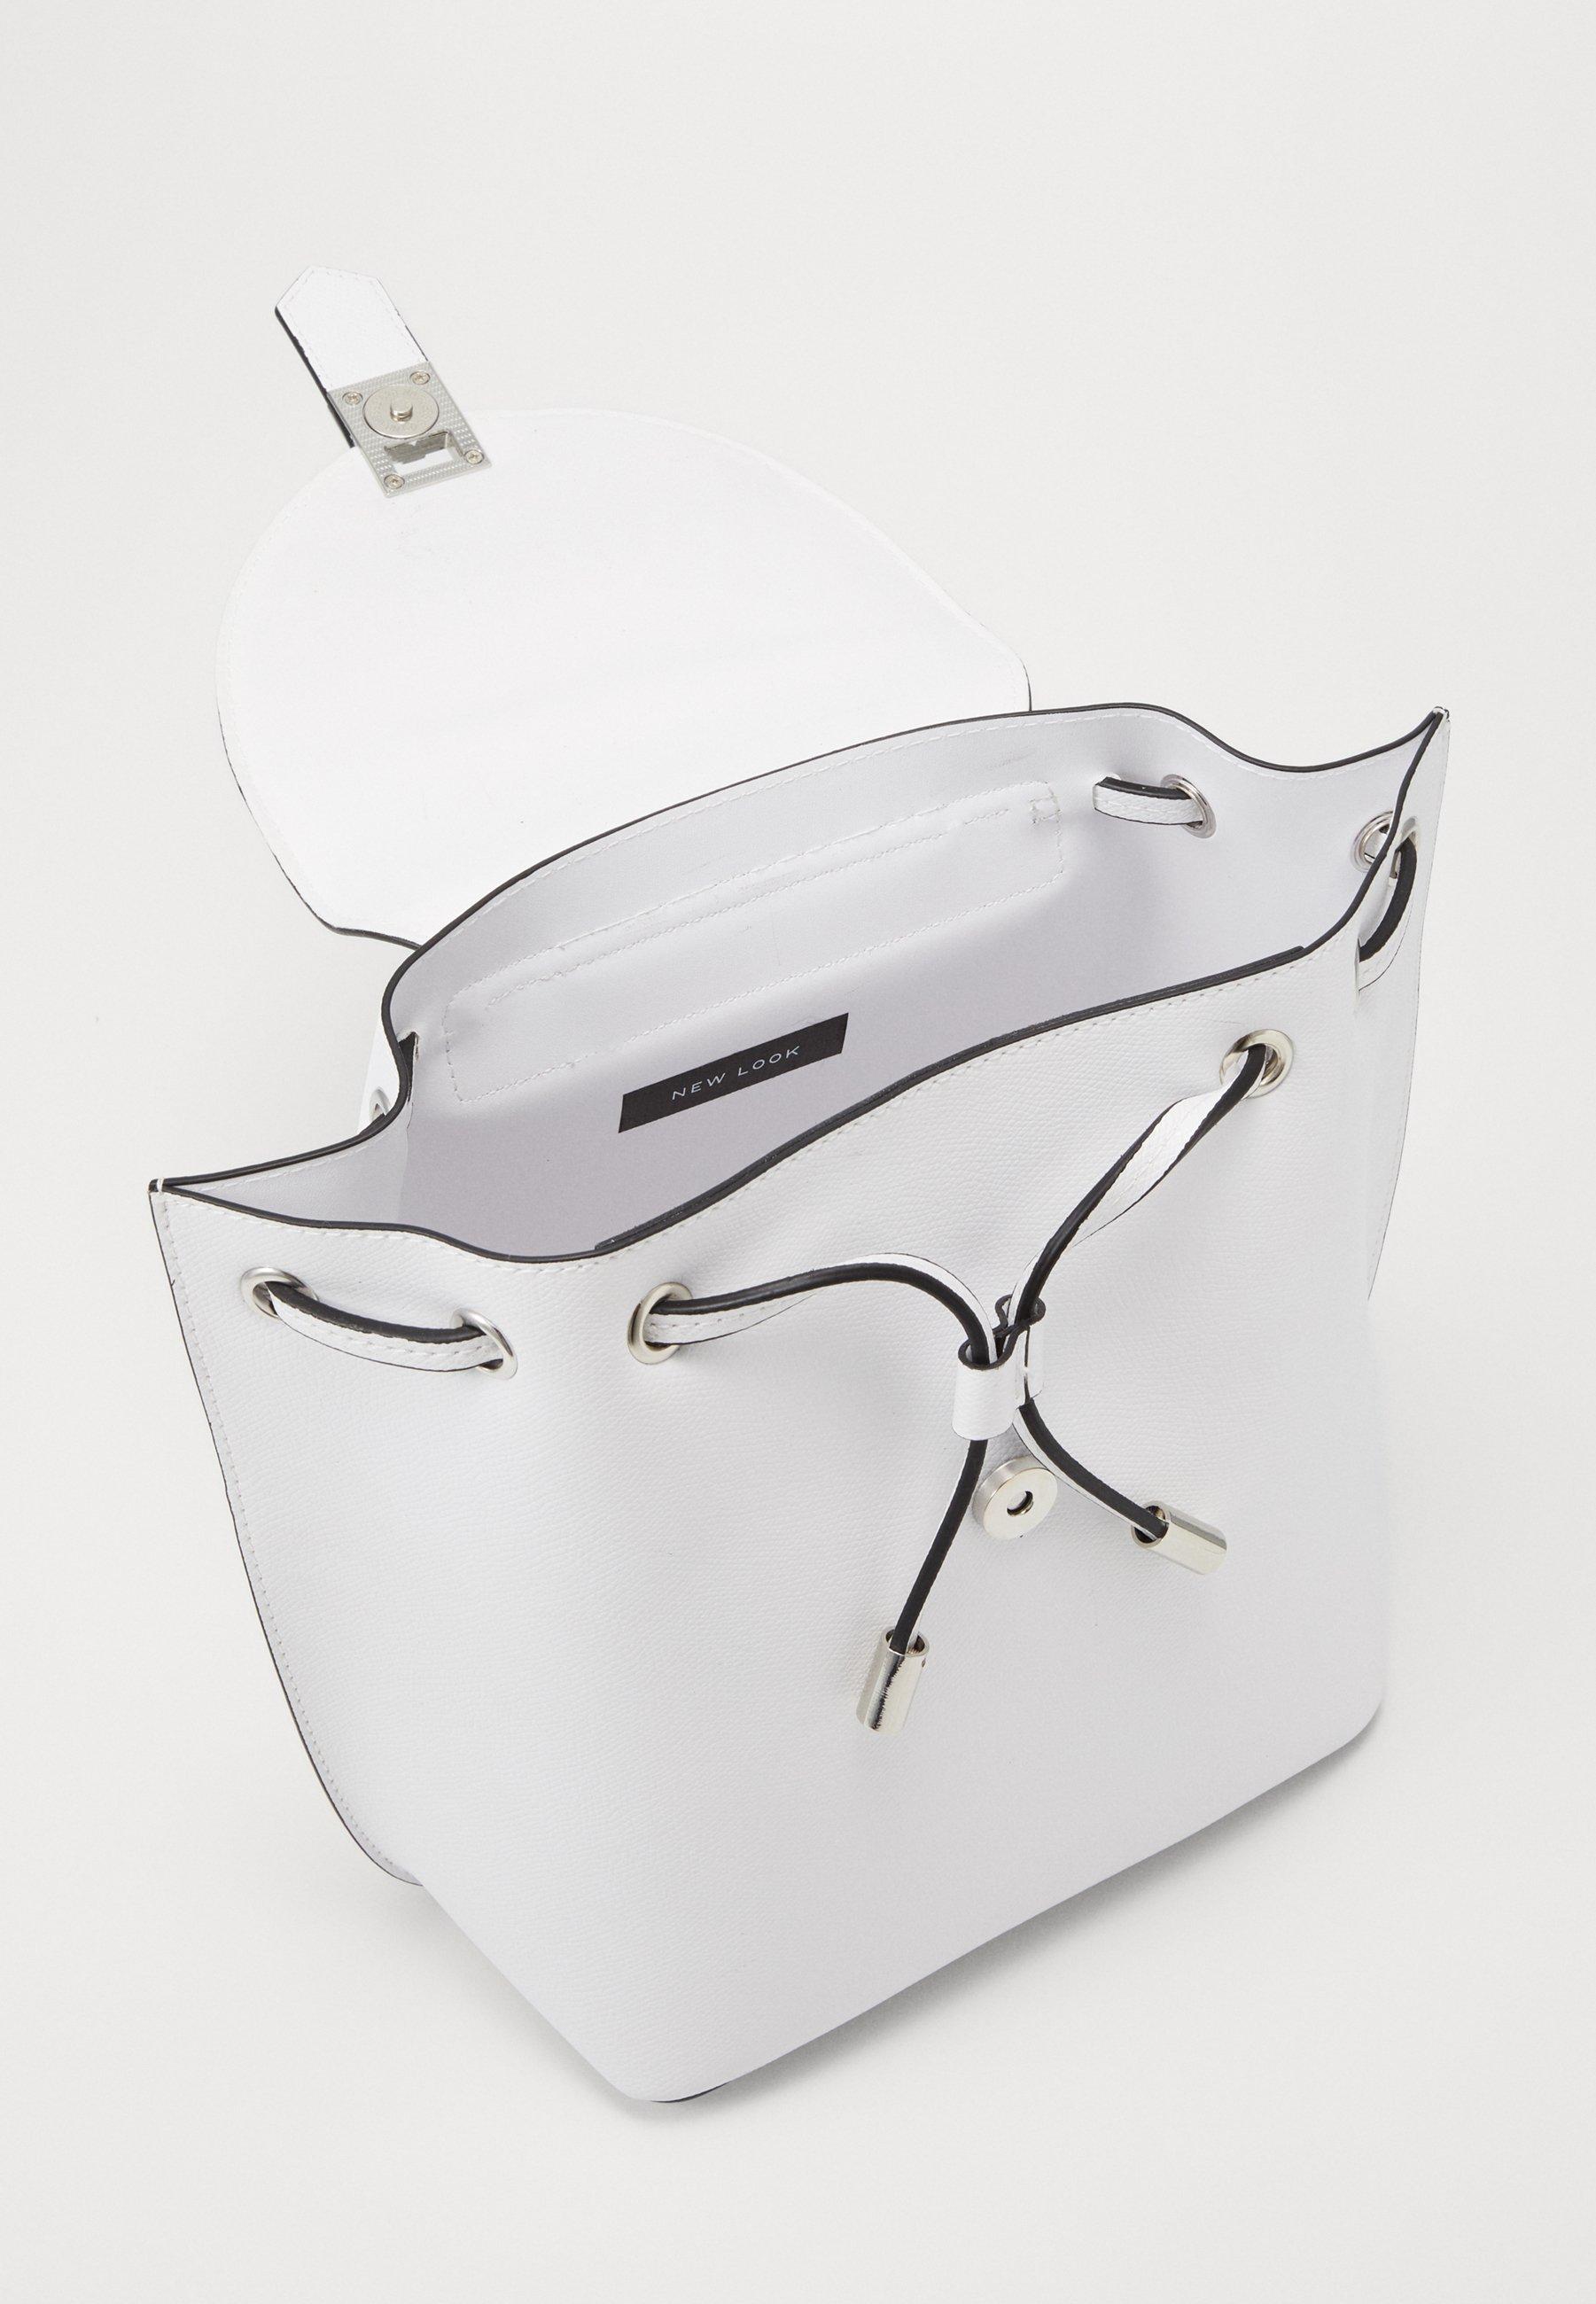 New Look FOSTER BACKPACK - Ryggsekk - white/hvit k2iEgH7FpYTe19U